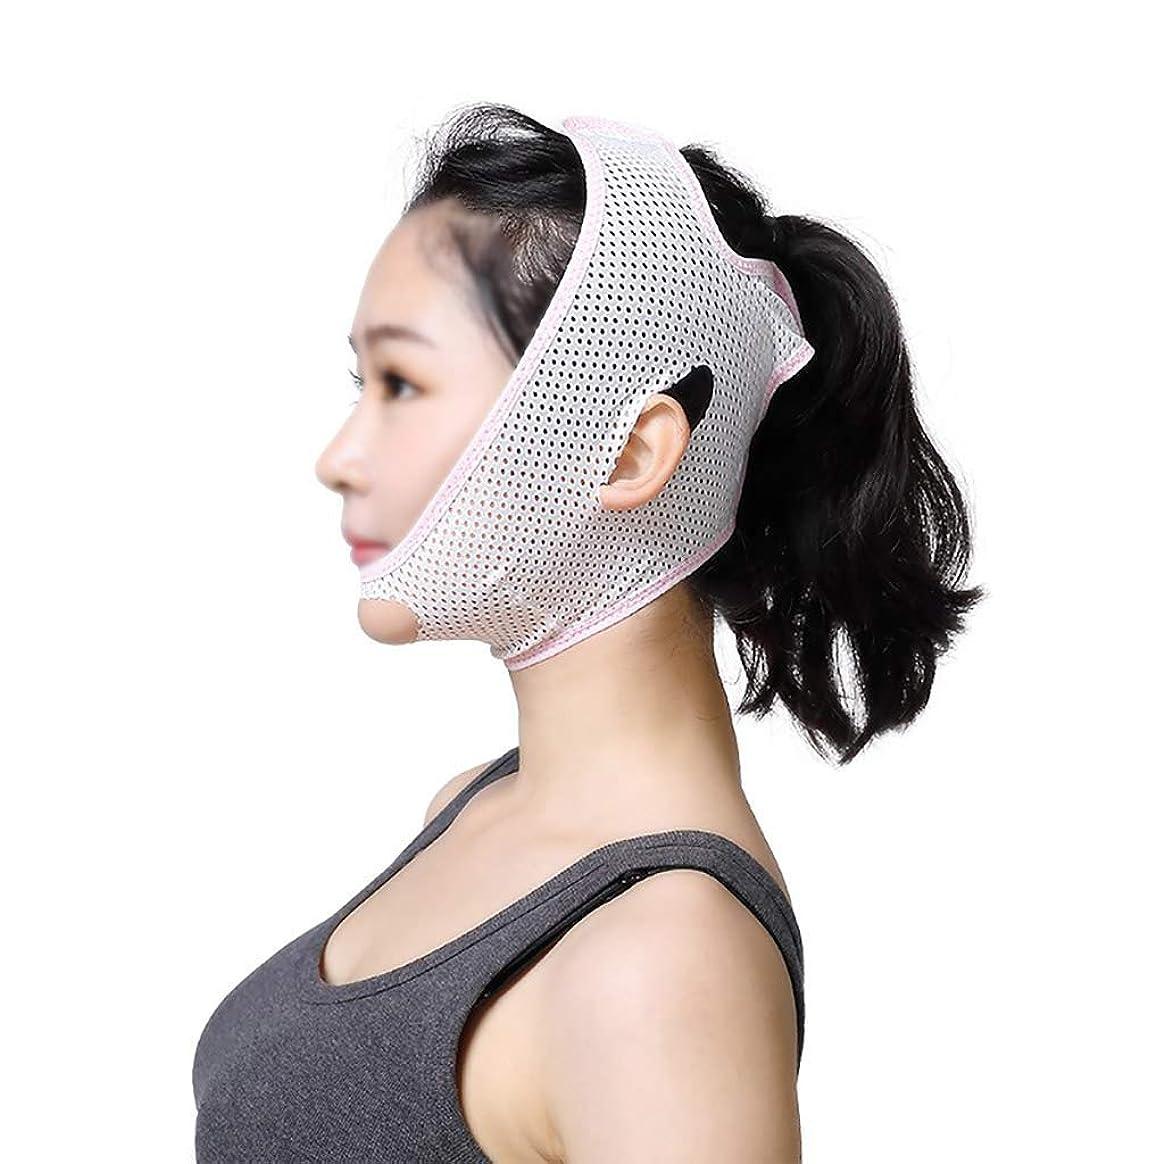 明るくする排除するゴージャスあごのストラップ、二重あごの男性と女性のフェイスリフトフェイシャルへの美しさのマスクでポストフェイス補正を彫る通気性フェイスリフトアーティファクト睡眠包帯ライン(サイズ:M)